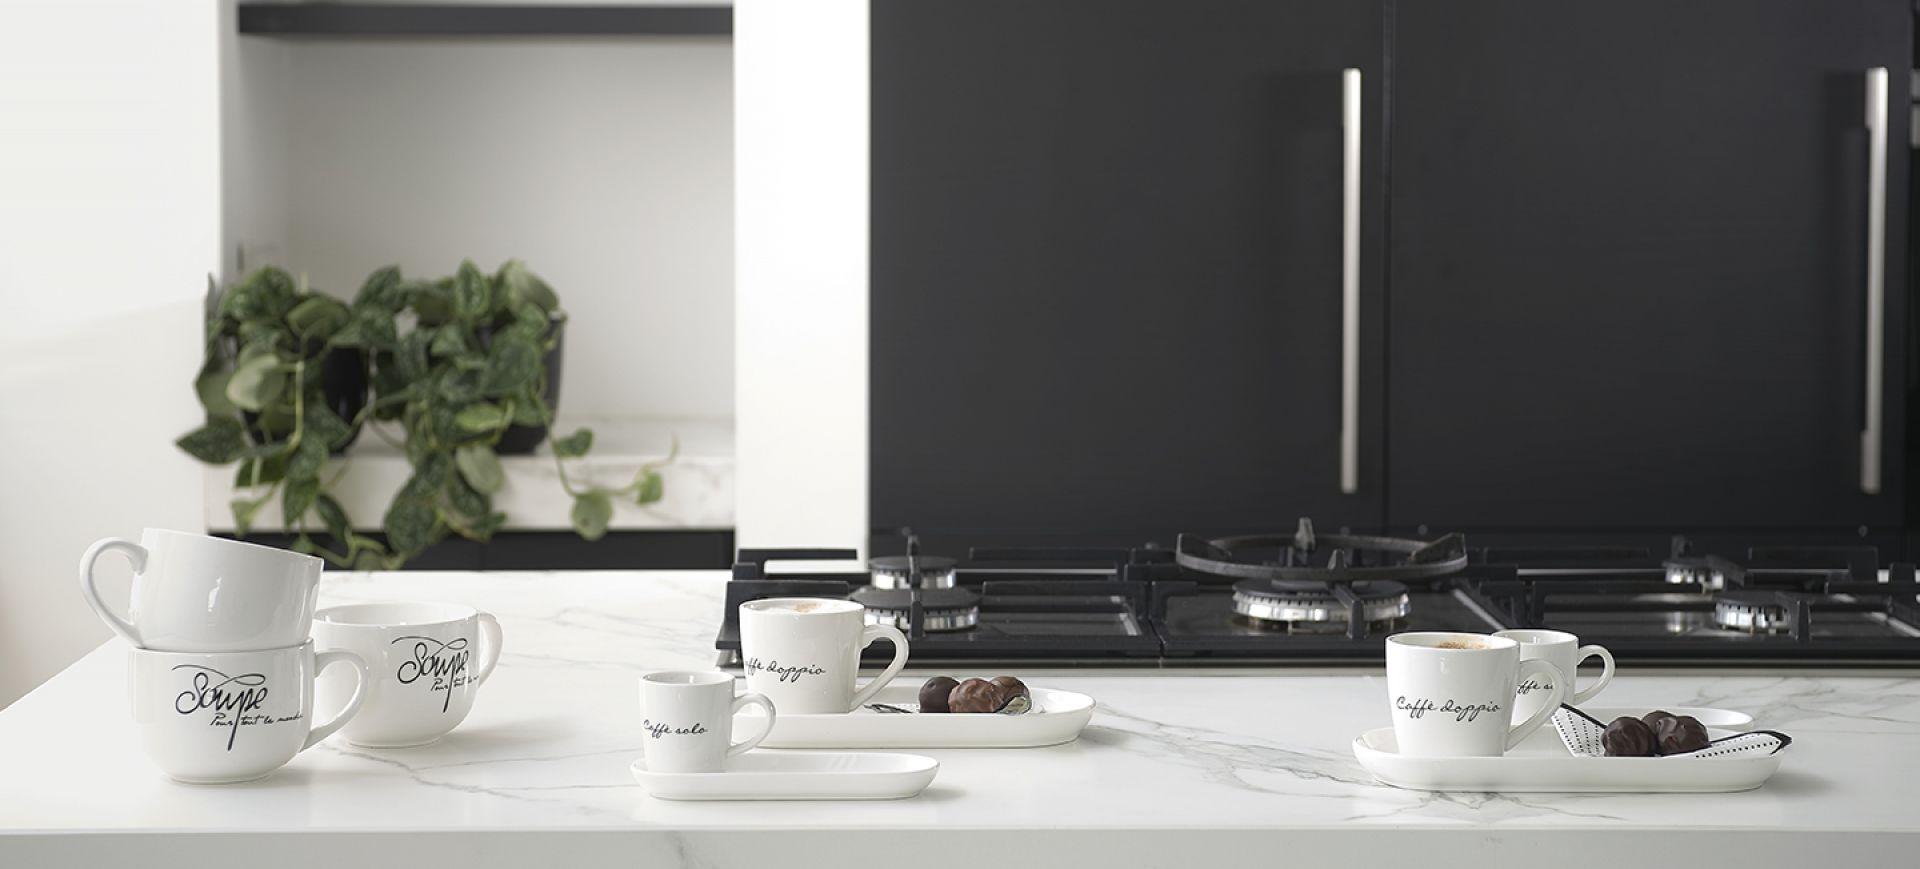 Porcelanowa zastawa Happy od Riviera Maison do kupienia w Miloo Home. Fot. Miloo Home / Riviera Maison